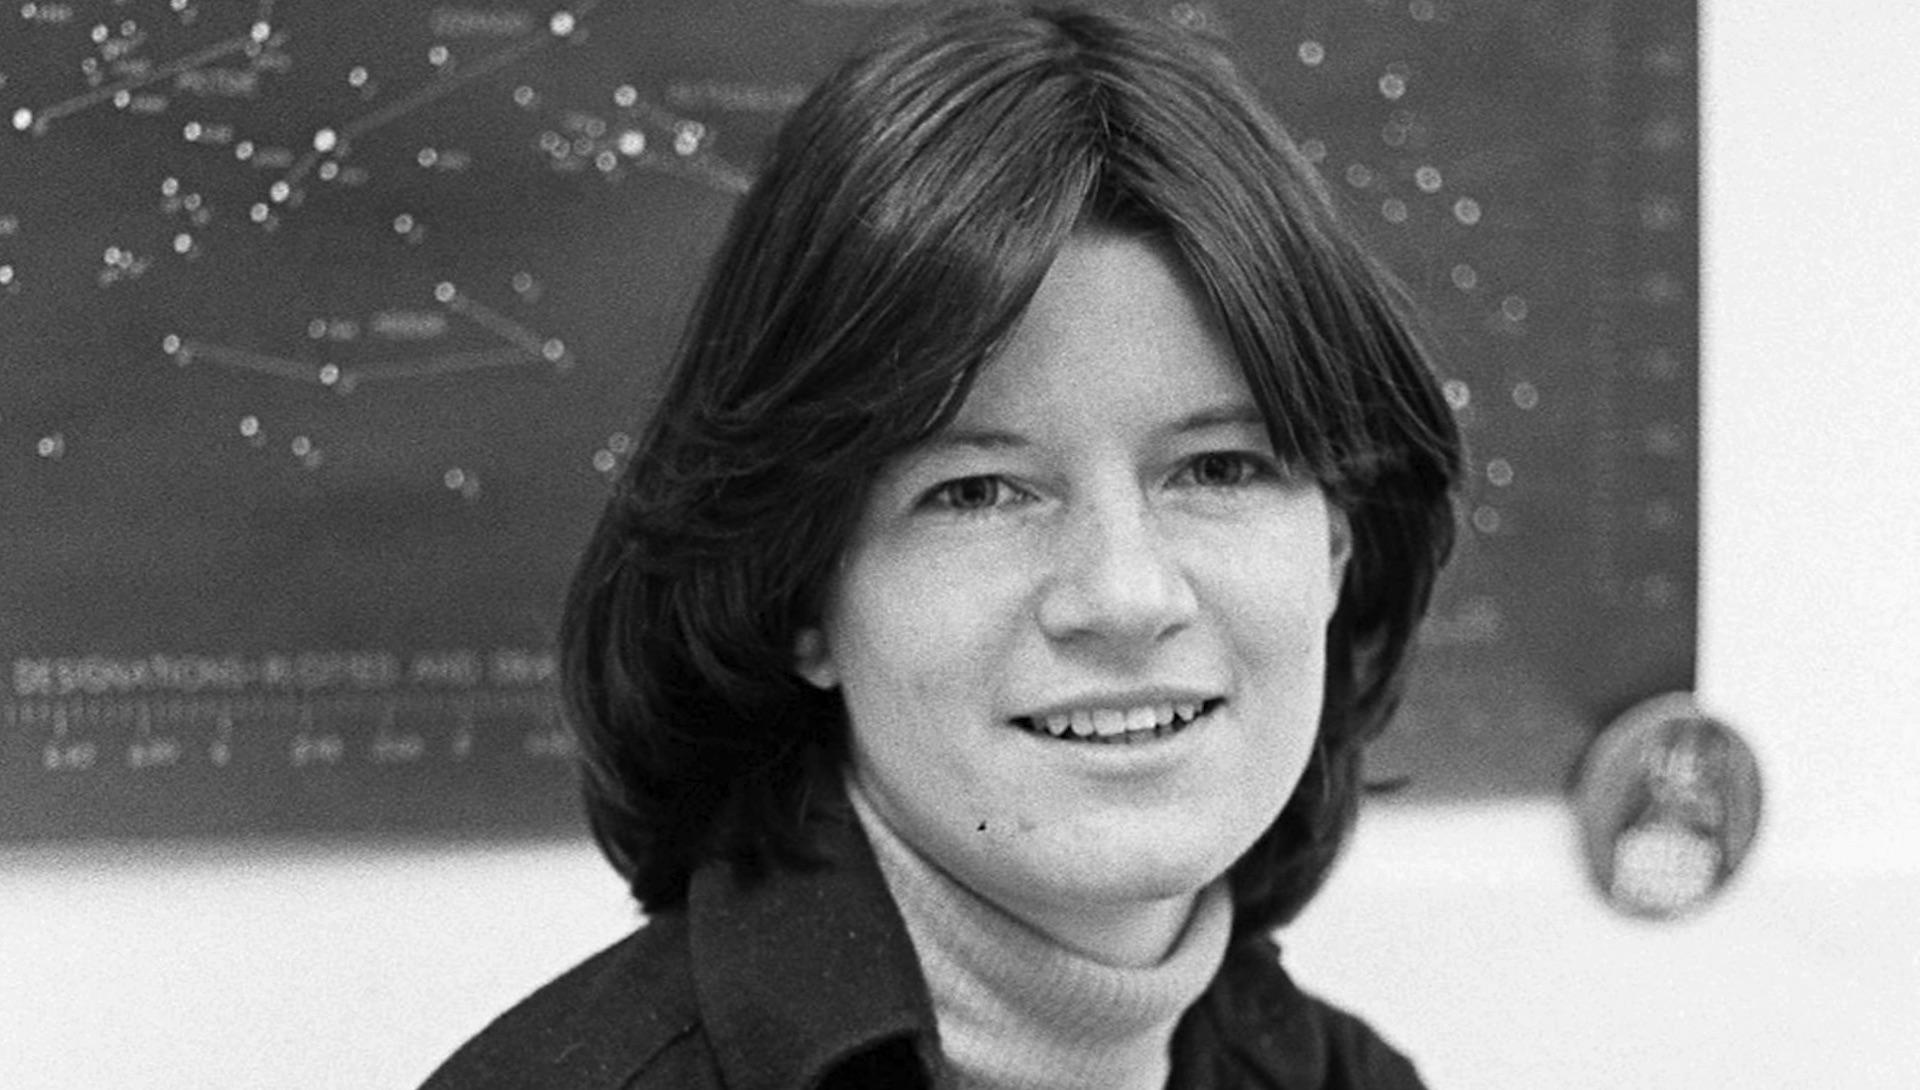 """""""Moterys moksle"""": kokią reikšmę turėjo pirmųjų astronaučių skrydžiai į kosmosą?   Mokslosriuba.lt nuotr."""